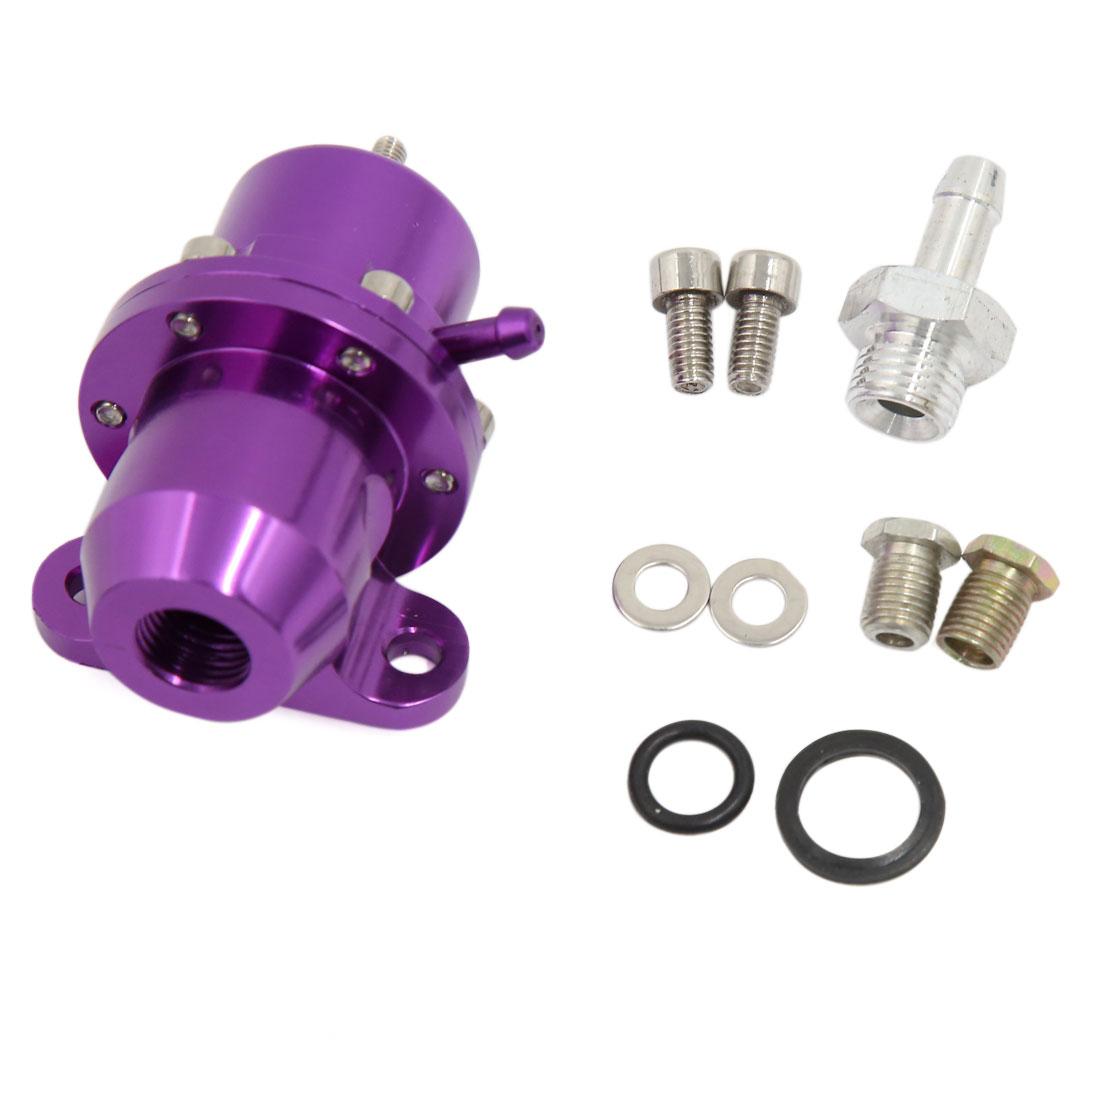 Universal Car 1:1 Ratio Bolt On Adjustable Fuel Pressure Regulator Purple